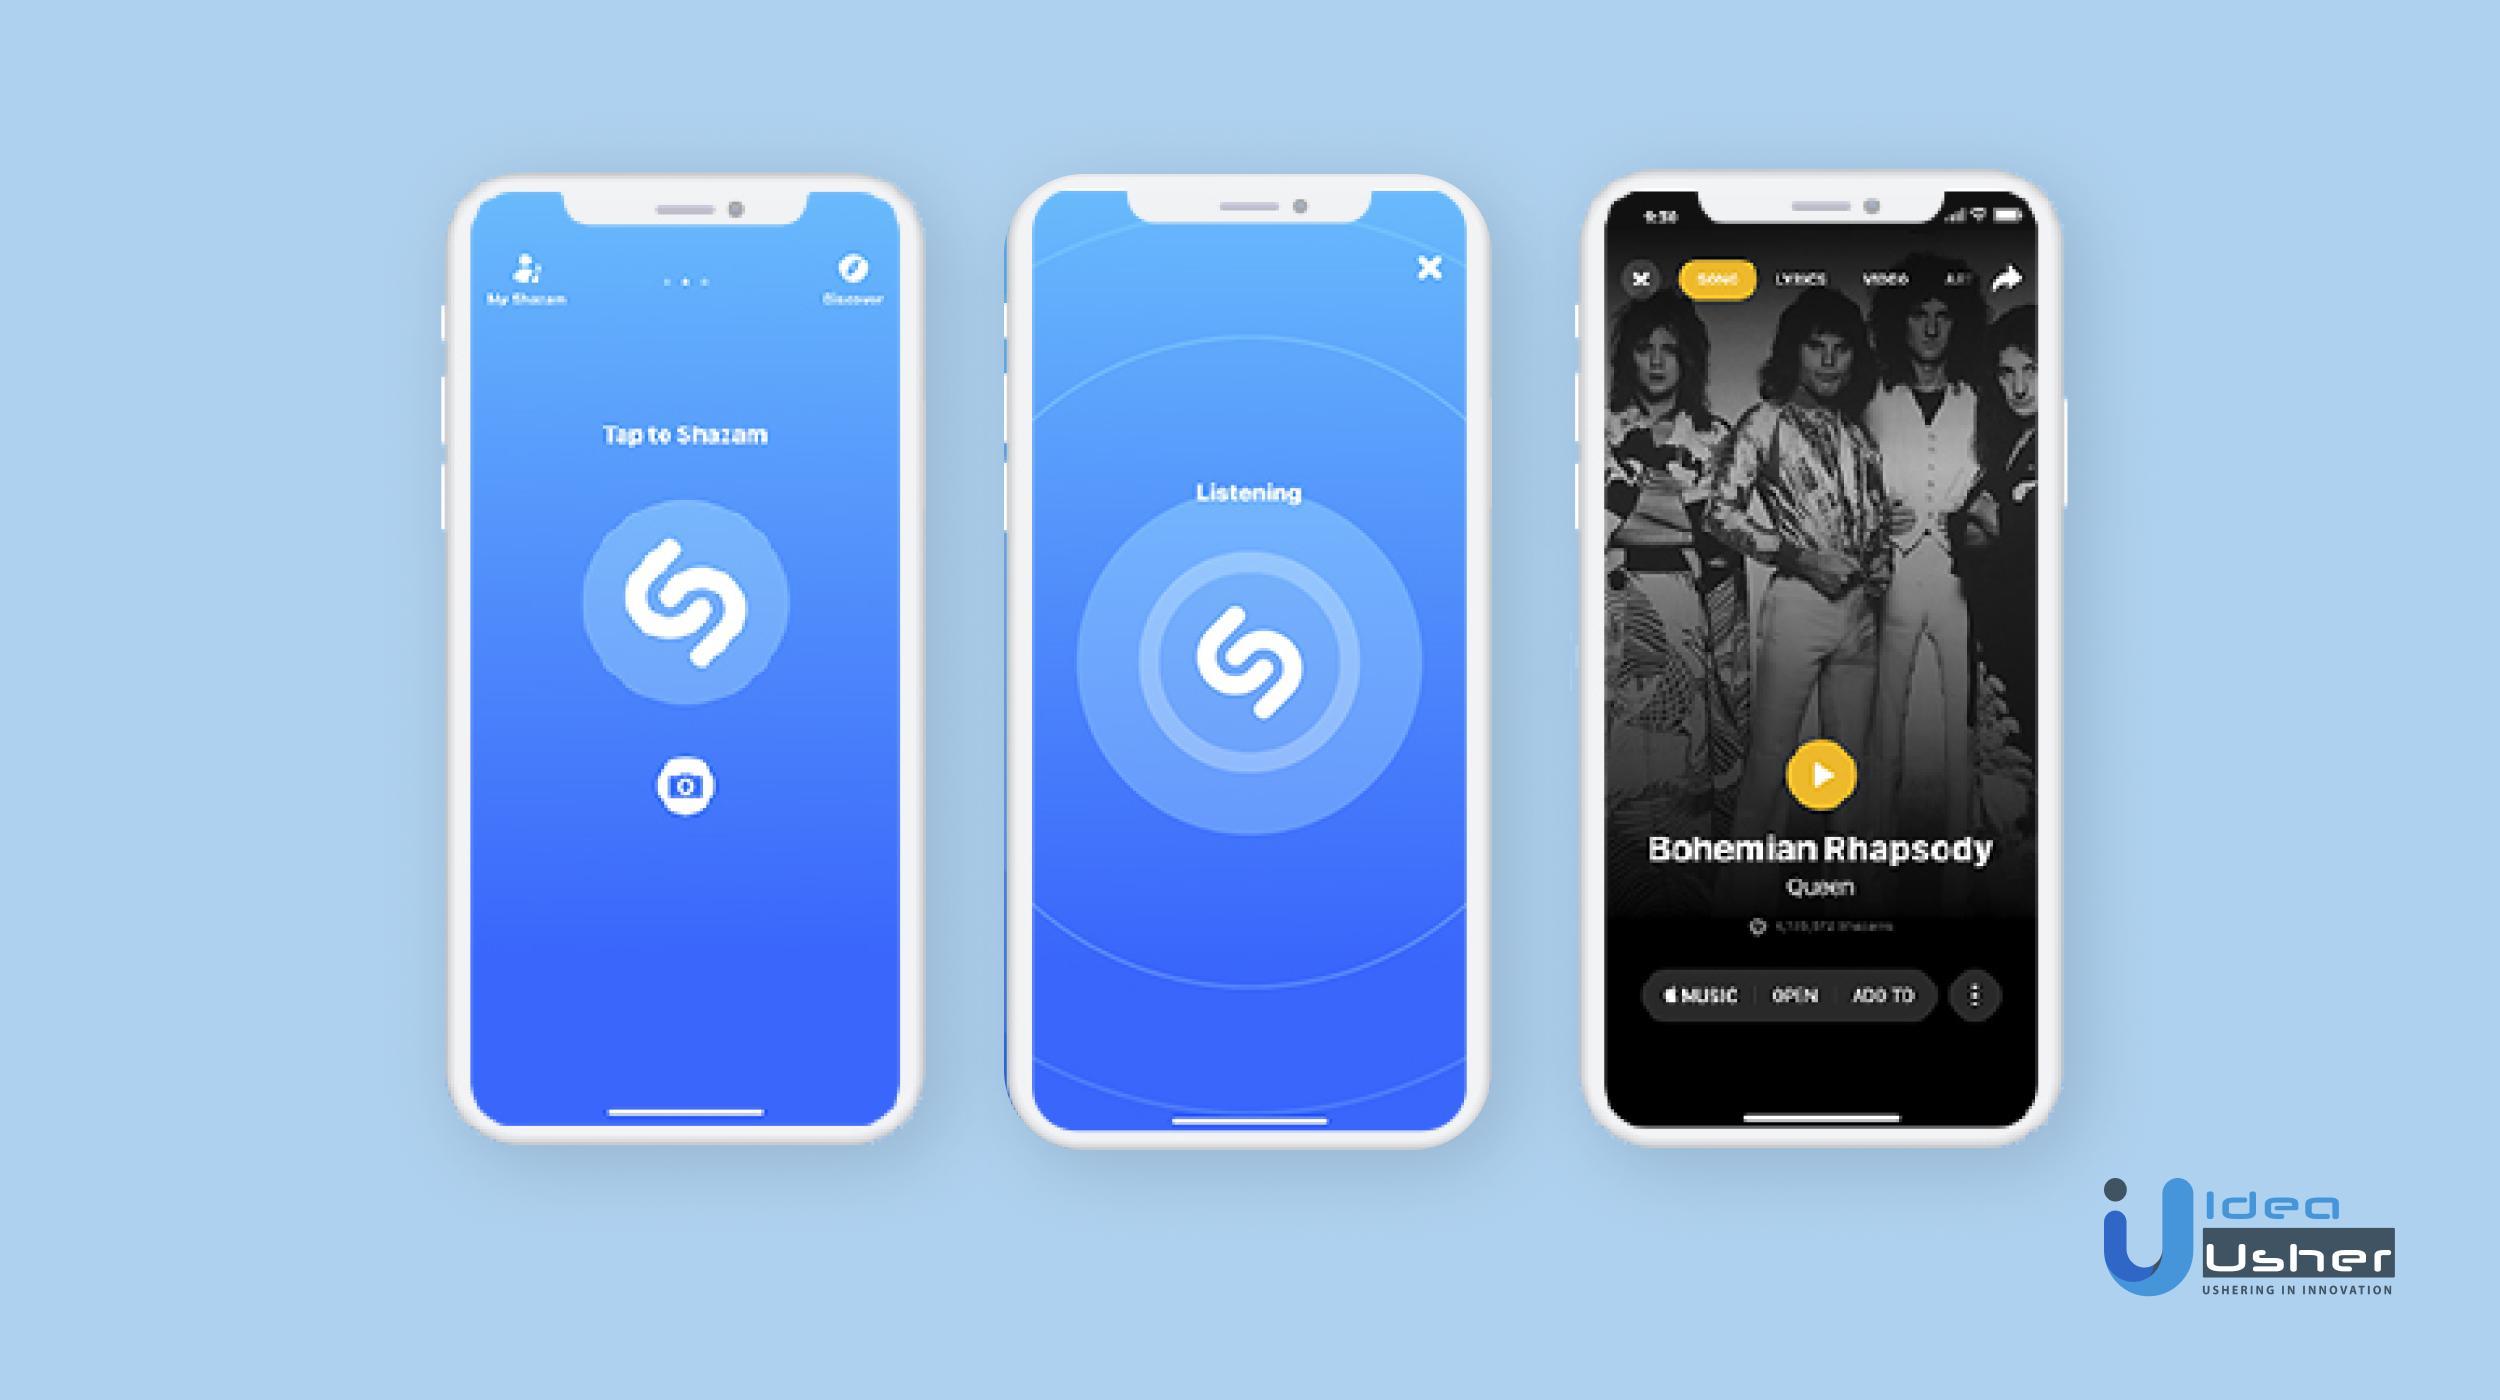 how to build an app like Shazam